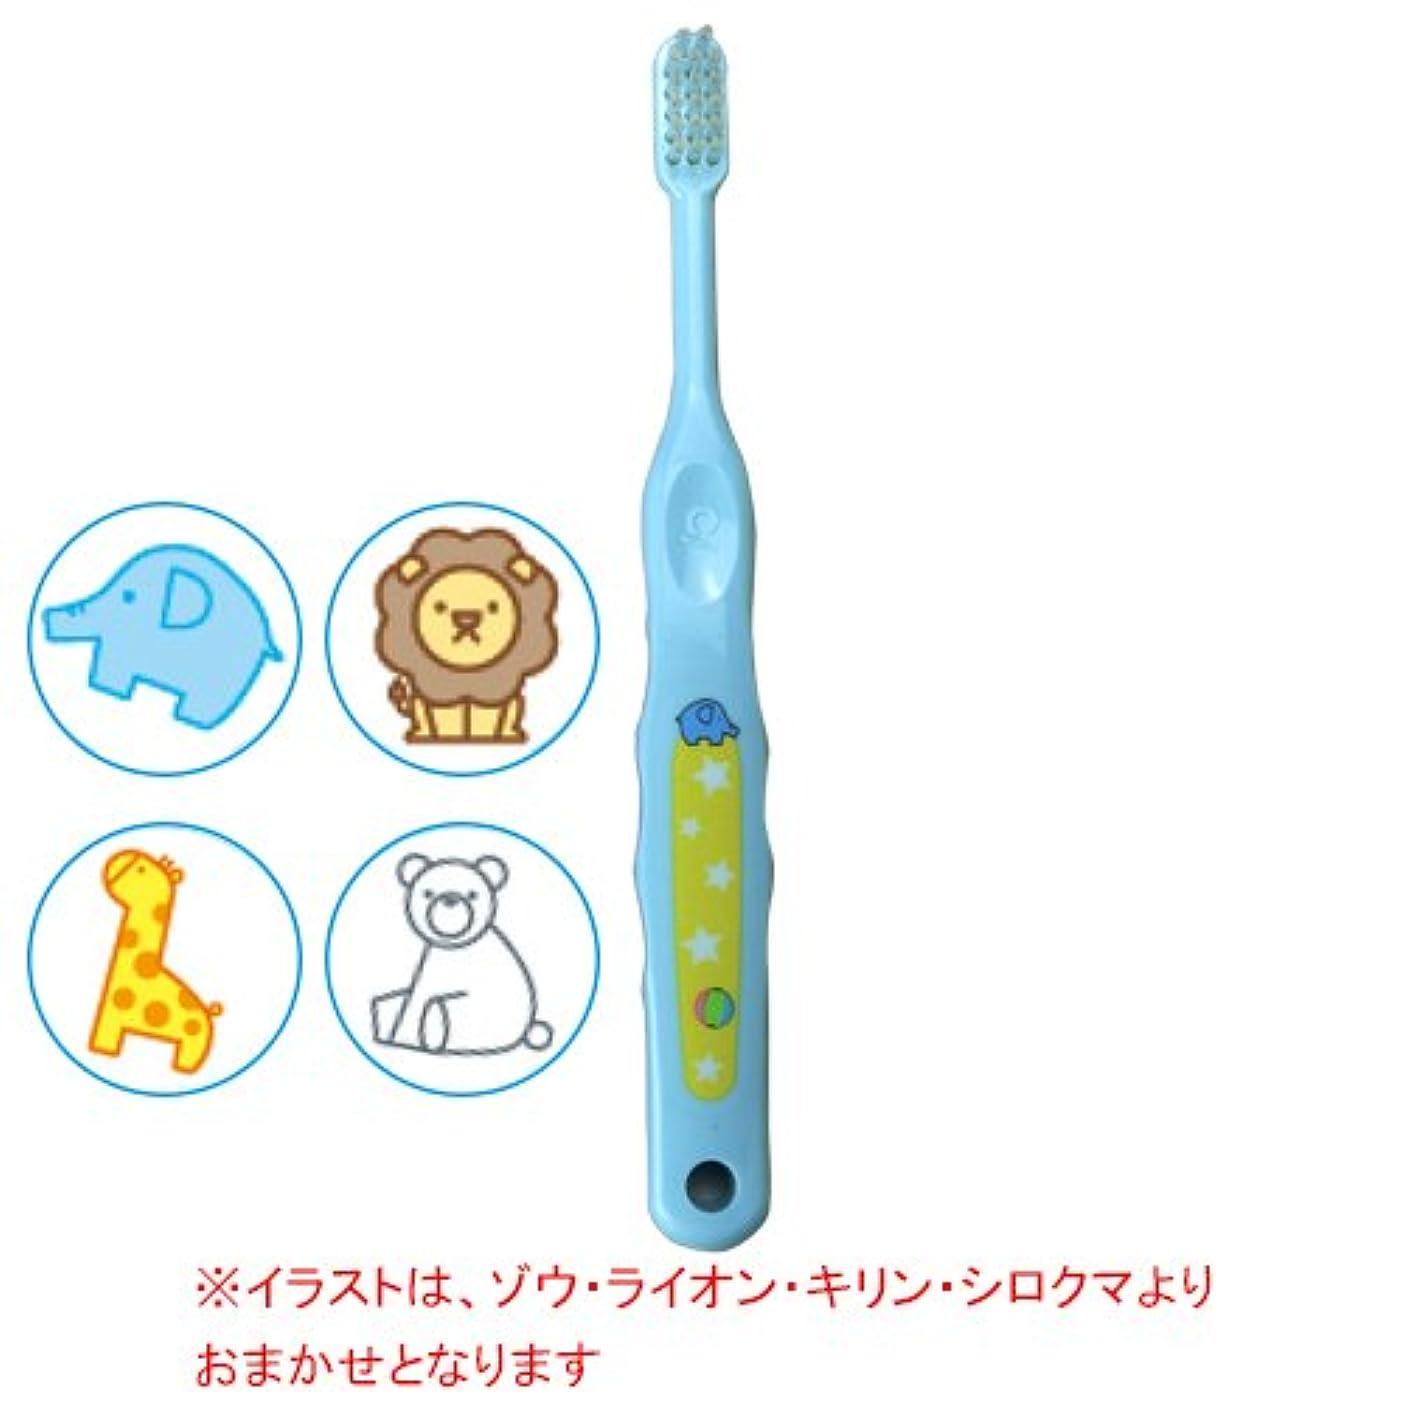 電話に出る手がかり損傷Ciメディカル Ci なまえ歯ブラシ 503 (やわらかめ) (乳児から小学生向)1本 (ブルー)